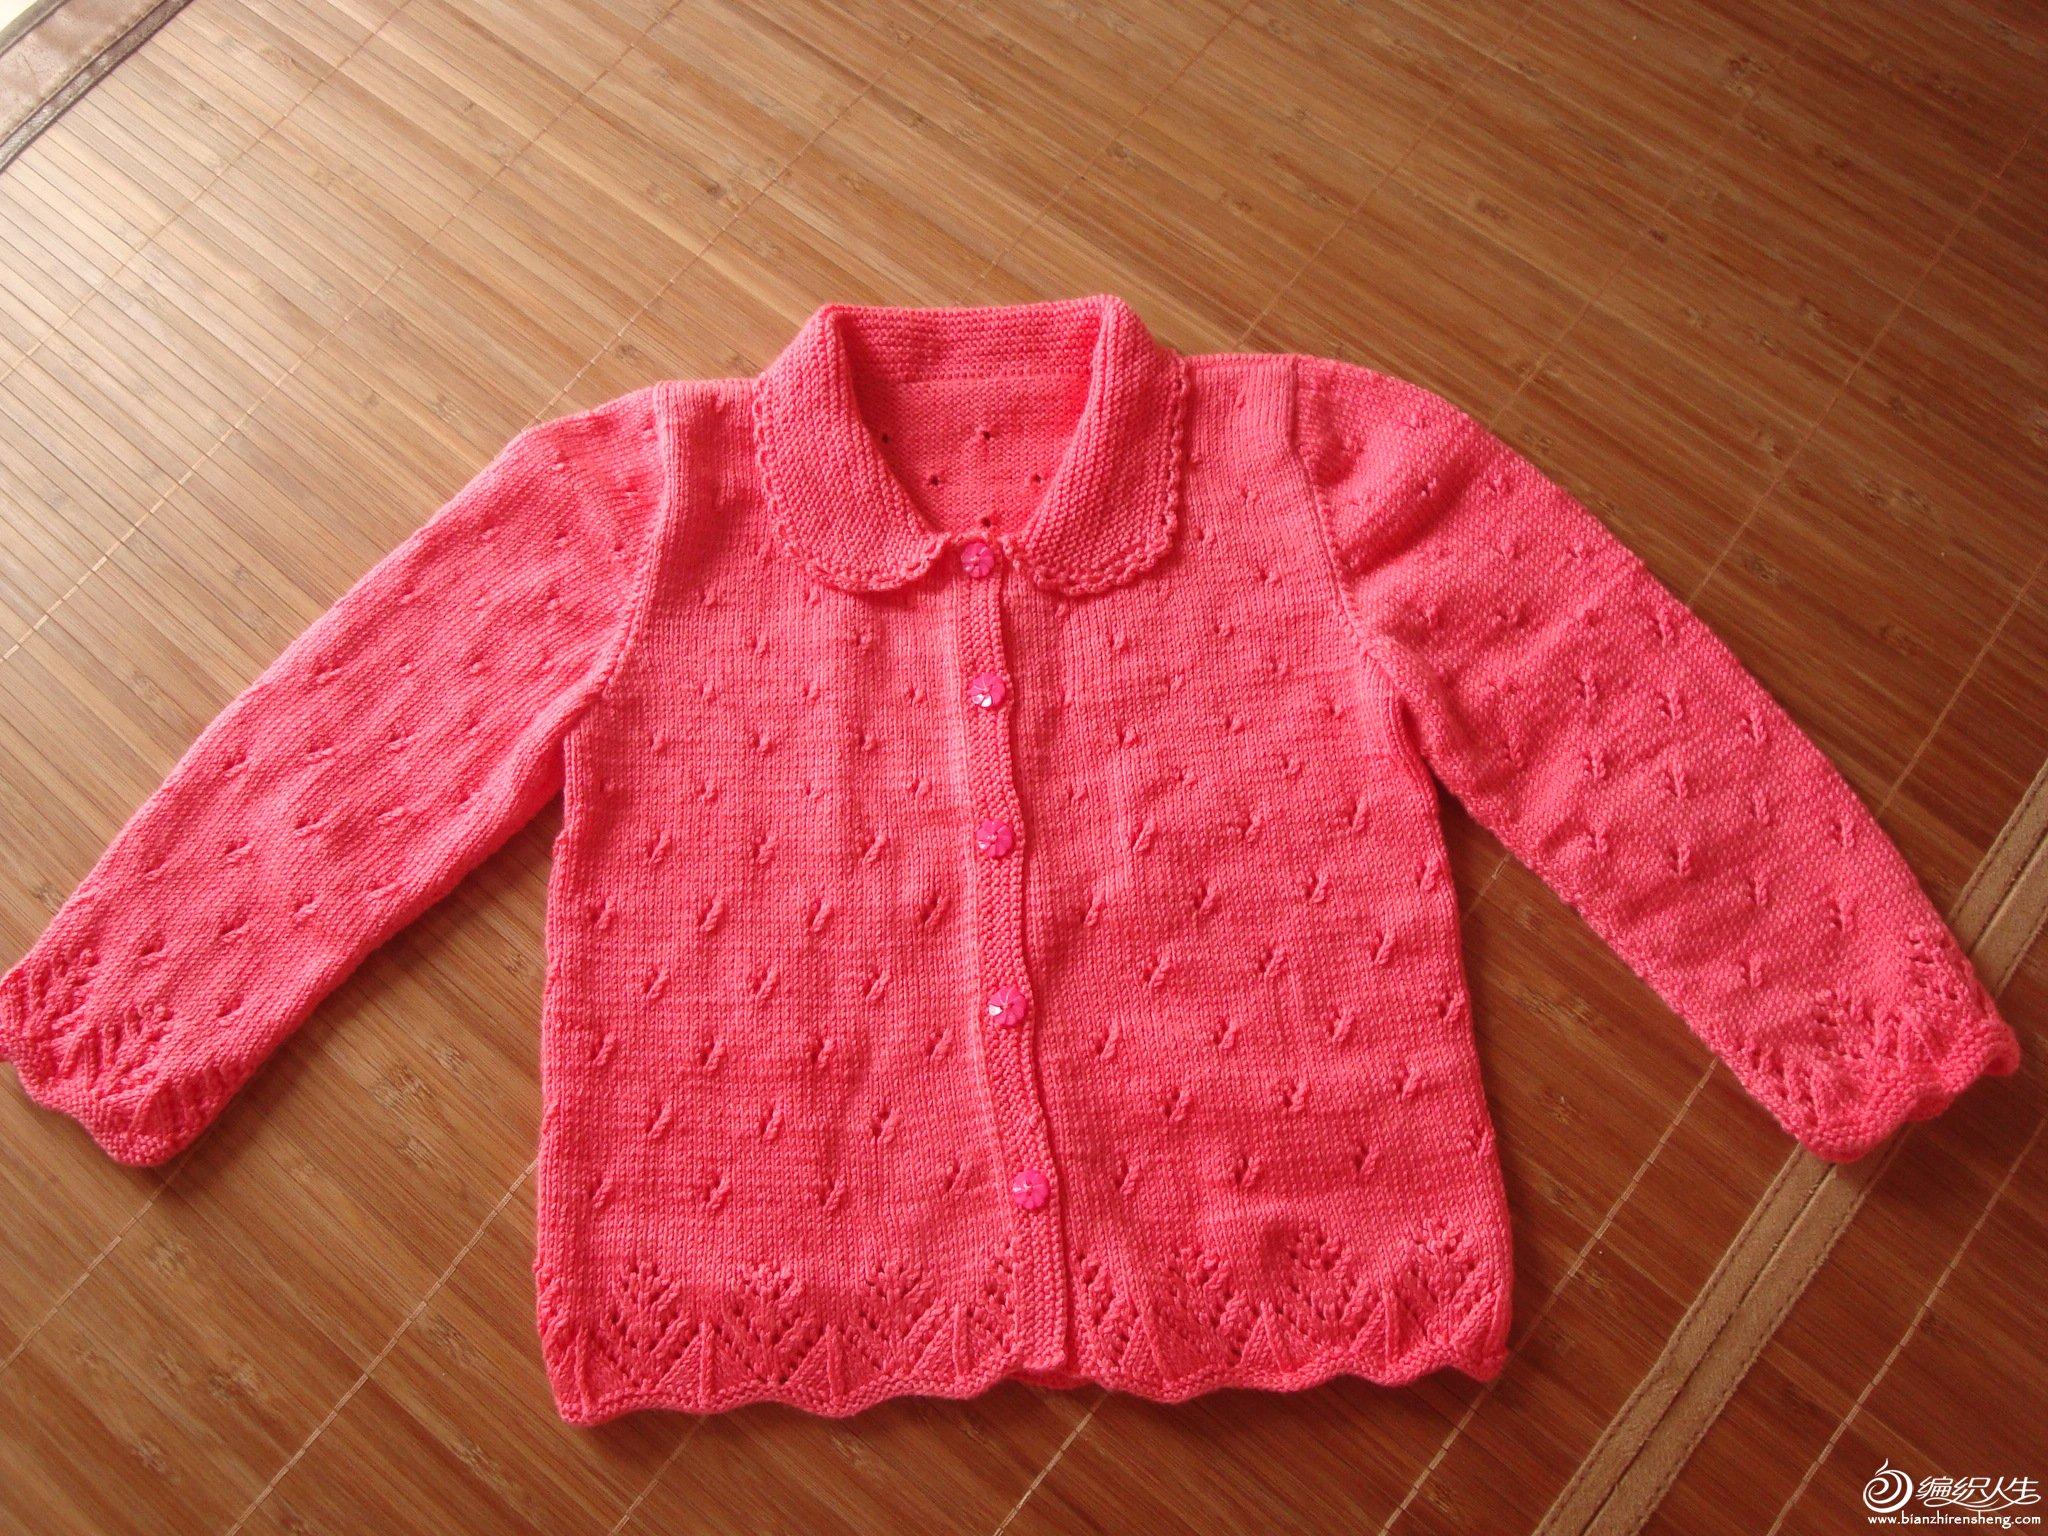 没有女儿,哥哥生了一个女儿,很开心。就给侄女仿两件毛衣。在论坛里看到的,很喜欢。